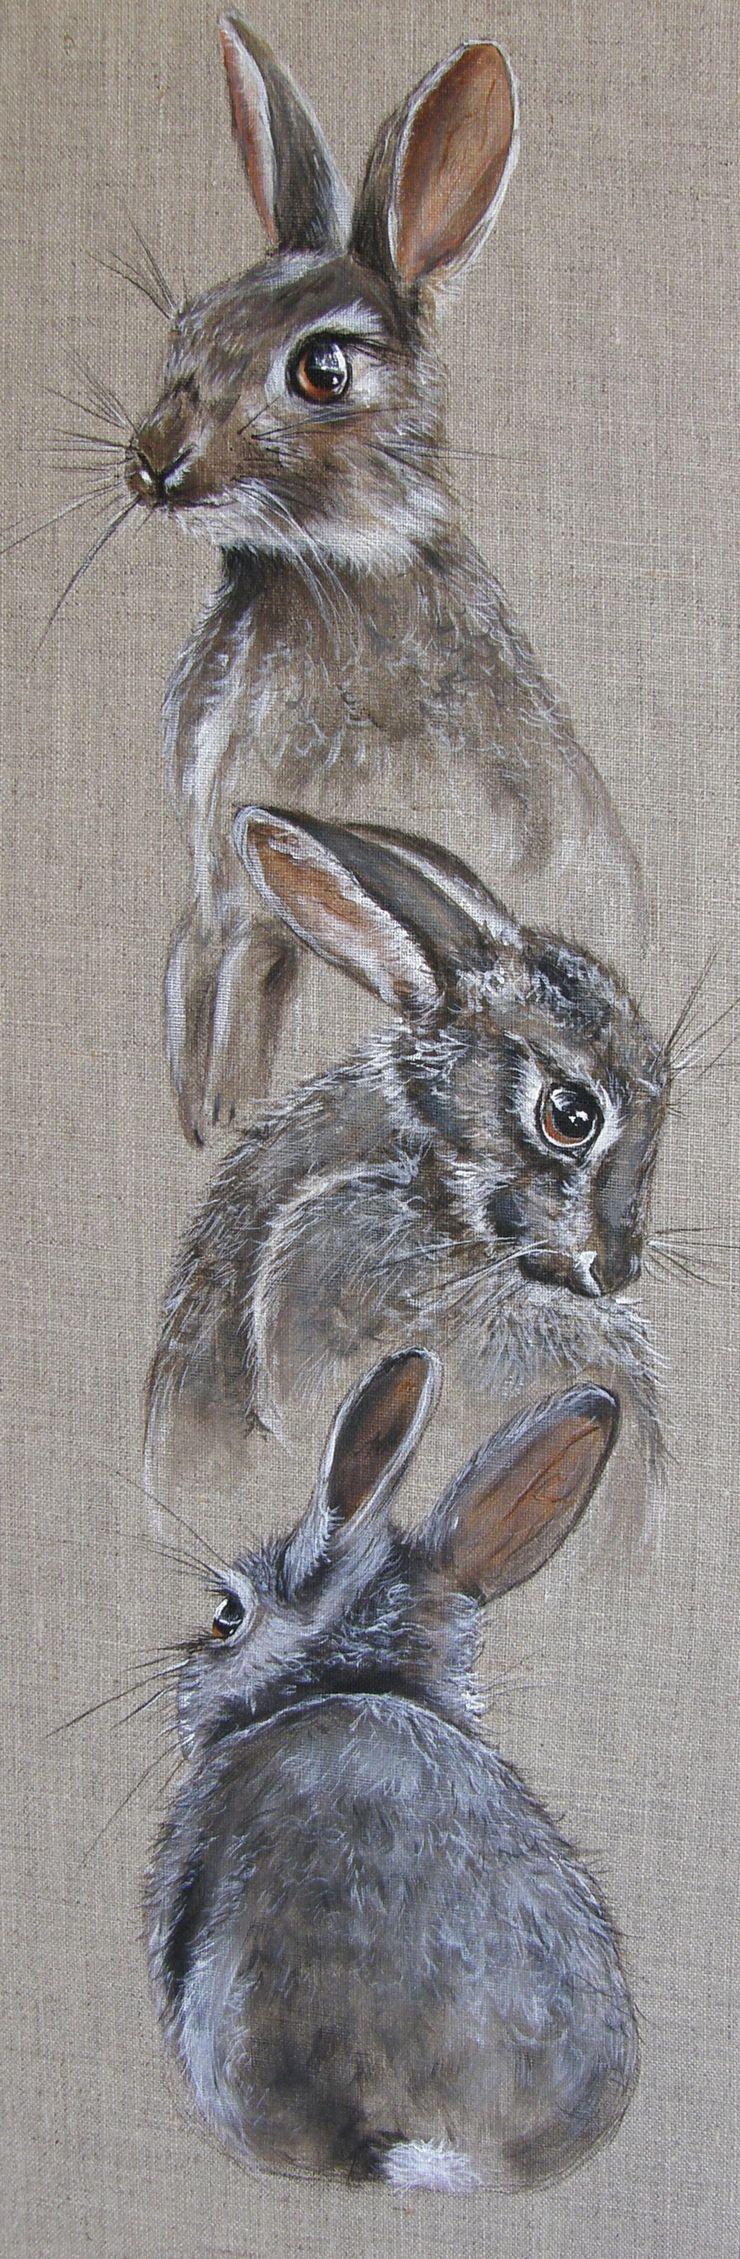 Odile Laresche Artiste Peintre Animalier CasaAccessori & Decorazioni